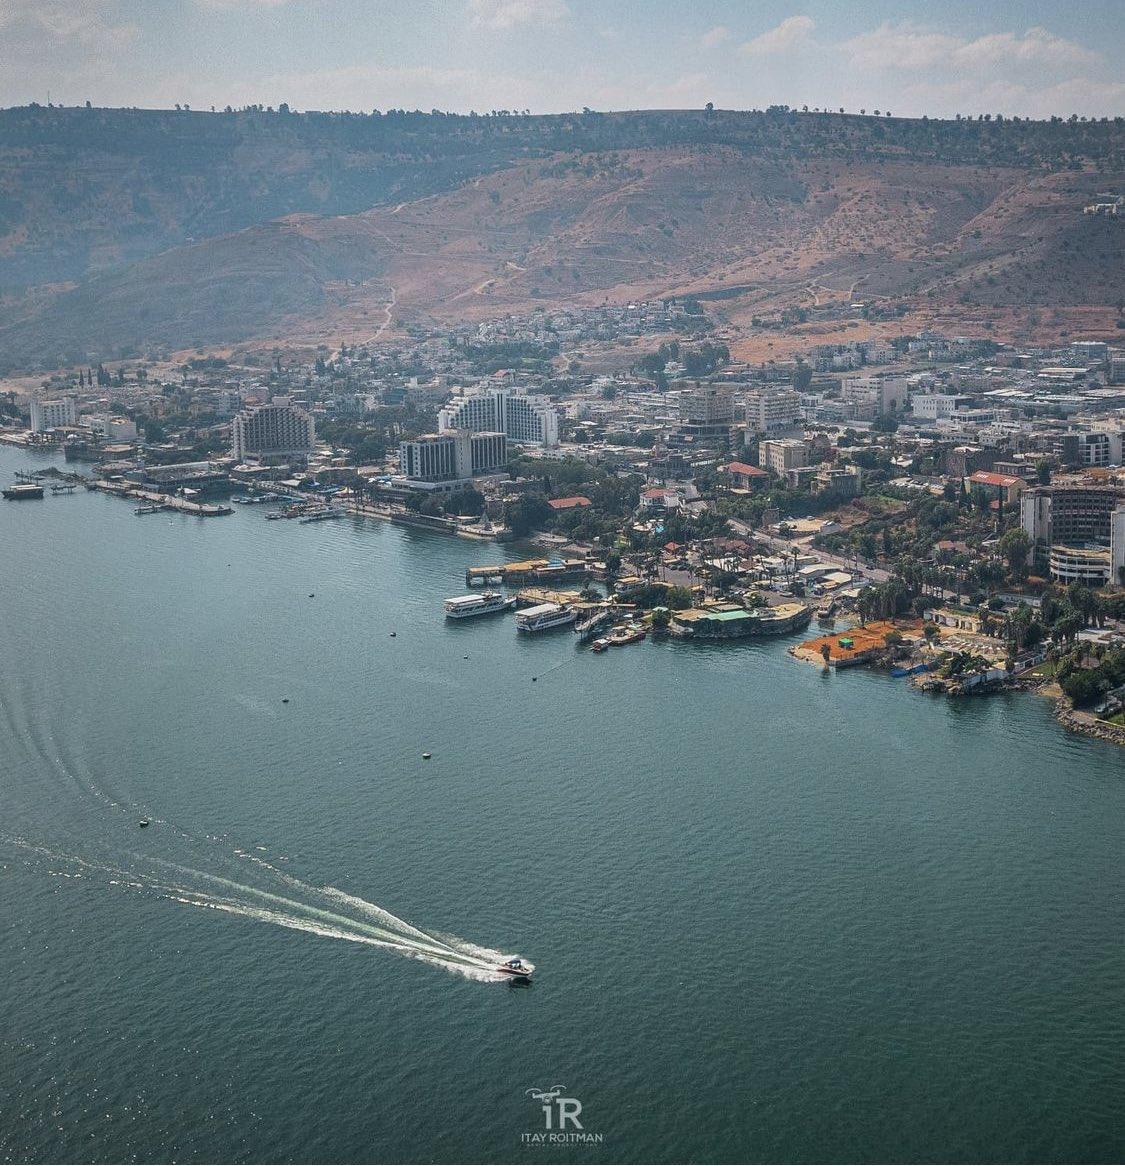 صباحكم خير ورضا من بحيرة طبريا ، اكبر بحيرة حلوة المياة في اسرائيل  انها متعددة الشواطئ وحافلة…